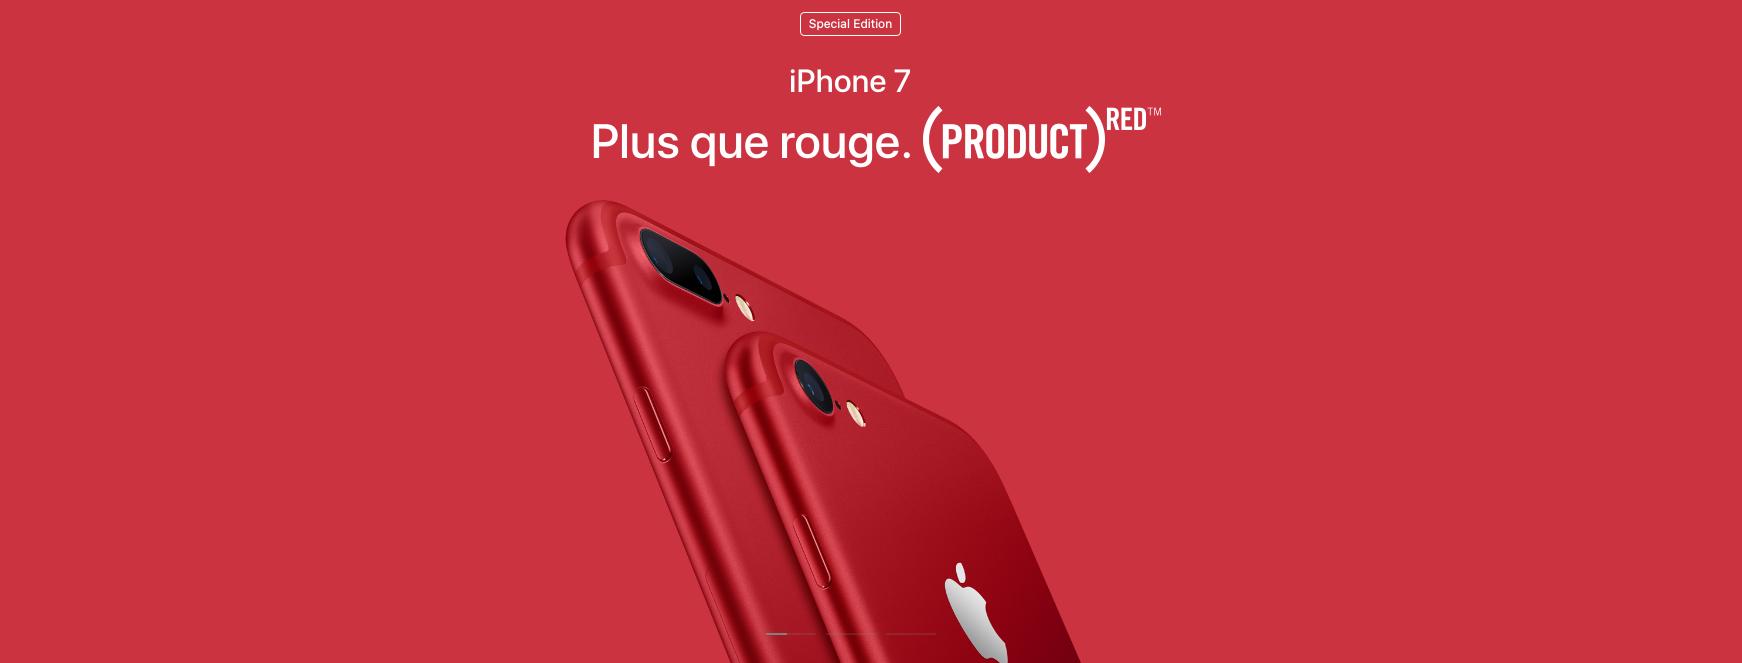 apple invente la couleur rouge pour la bonne cause et ses iphone. Black Bedroom Furniture Sets. Home Design Ideas